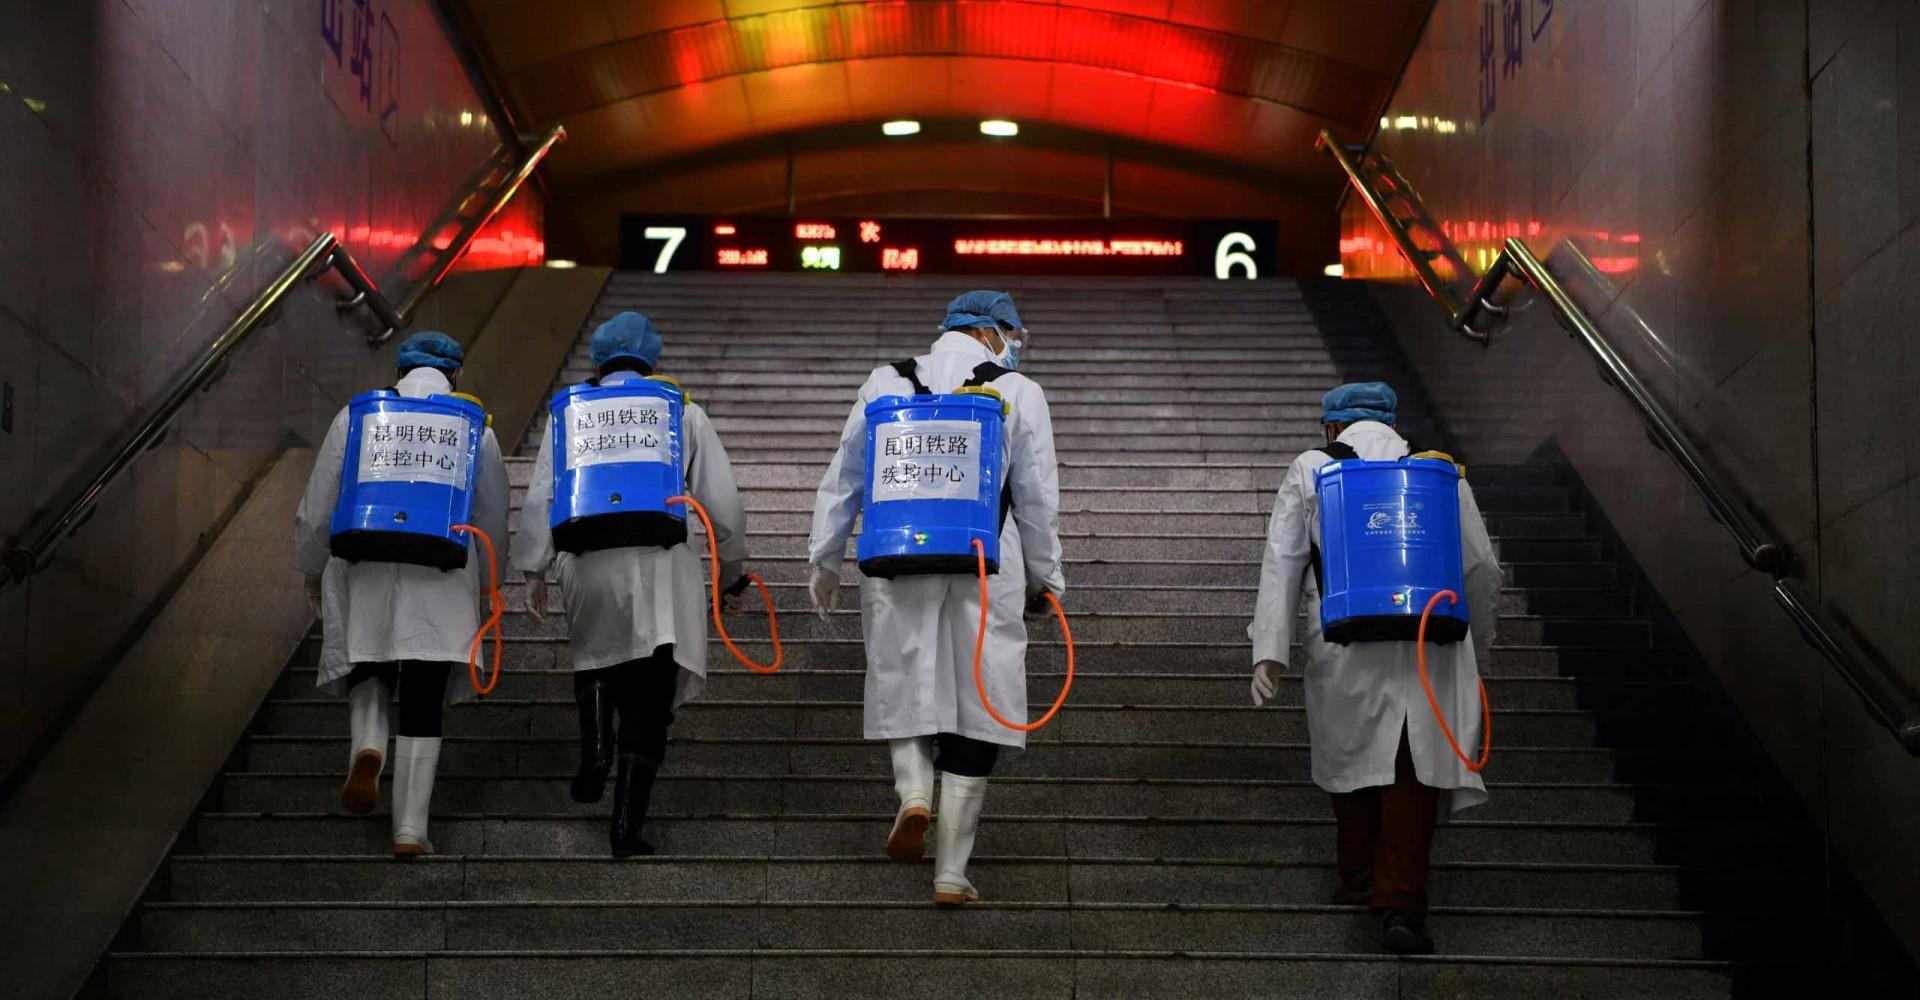 코로나 바이러스만큼 위험했던 치명적인 전염병들